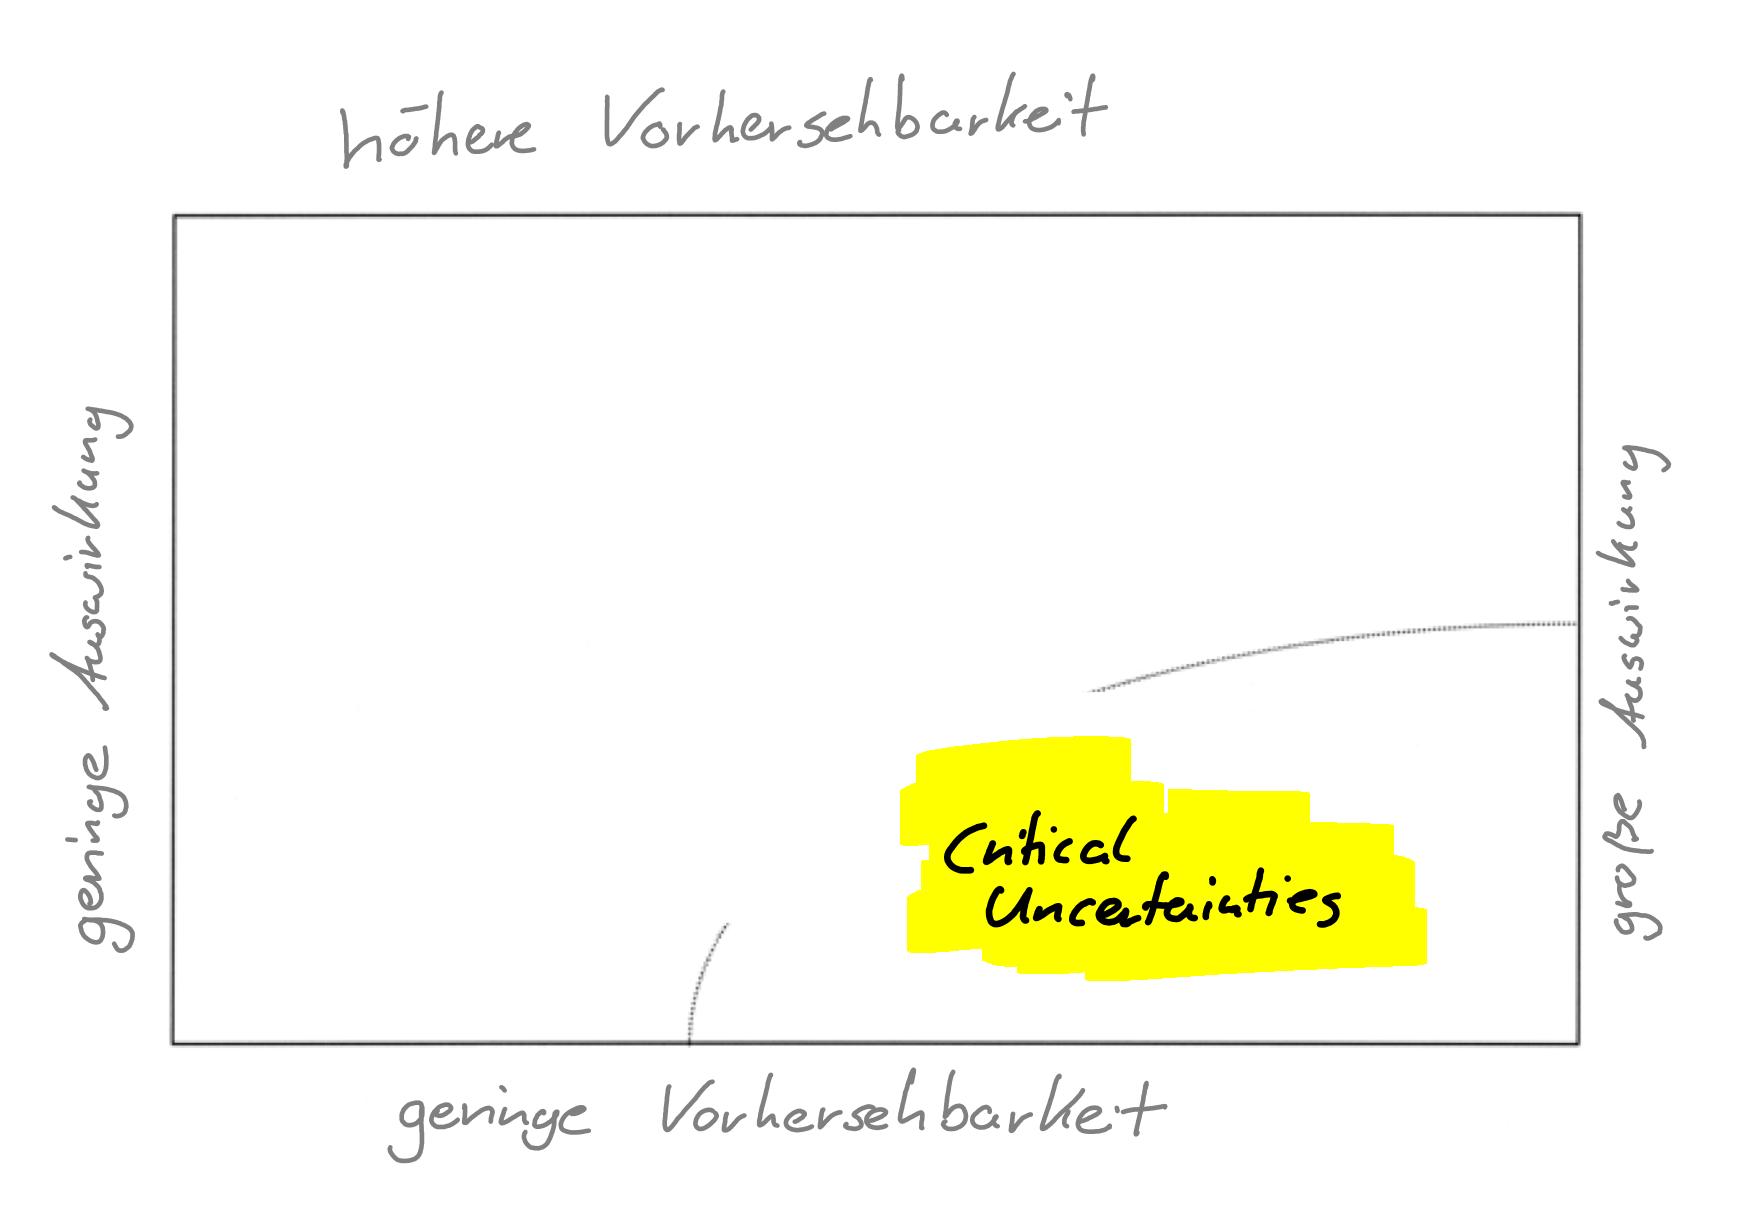 Abbildung 1: Szenario Matrix oder Szenario Logik  (eigene Darstellung)